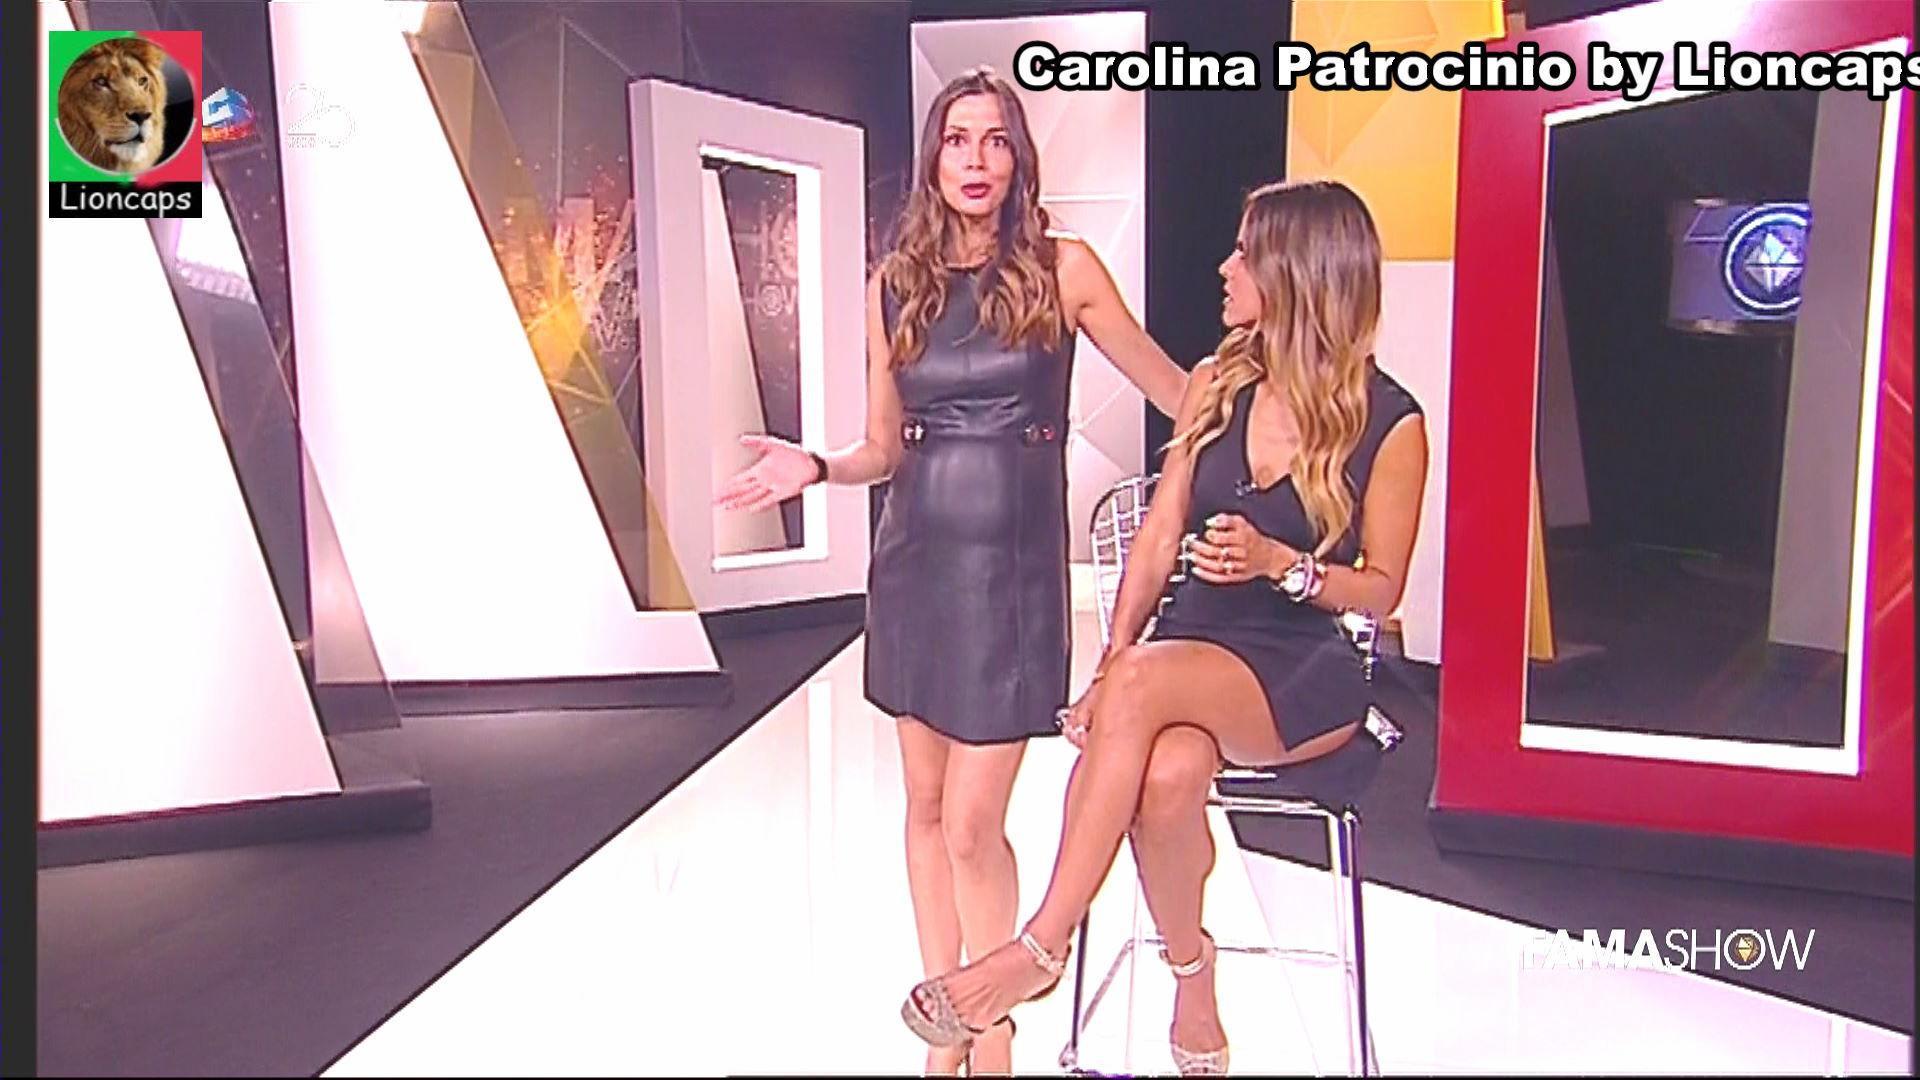 244994410_carolina_patrocinio_vs200223_0152_122_11lo.JPG